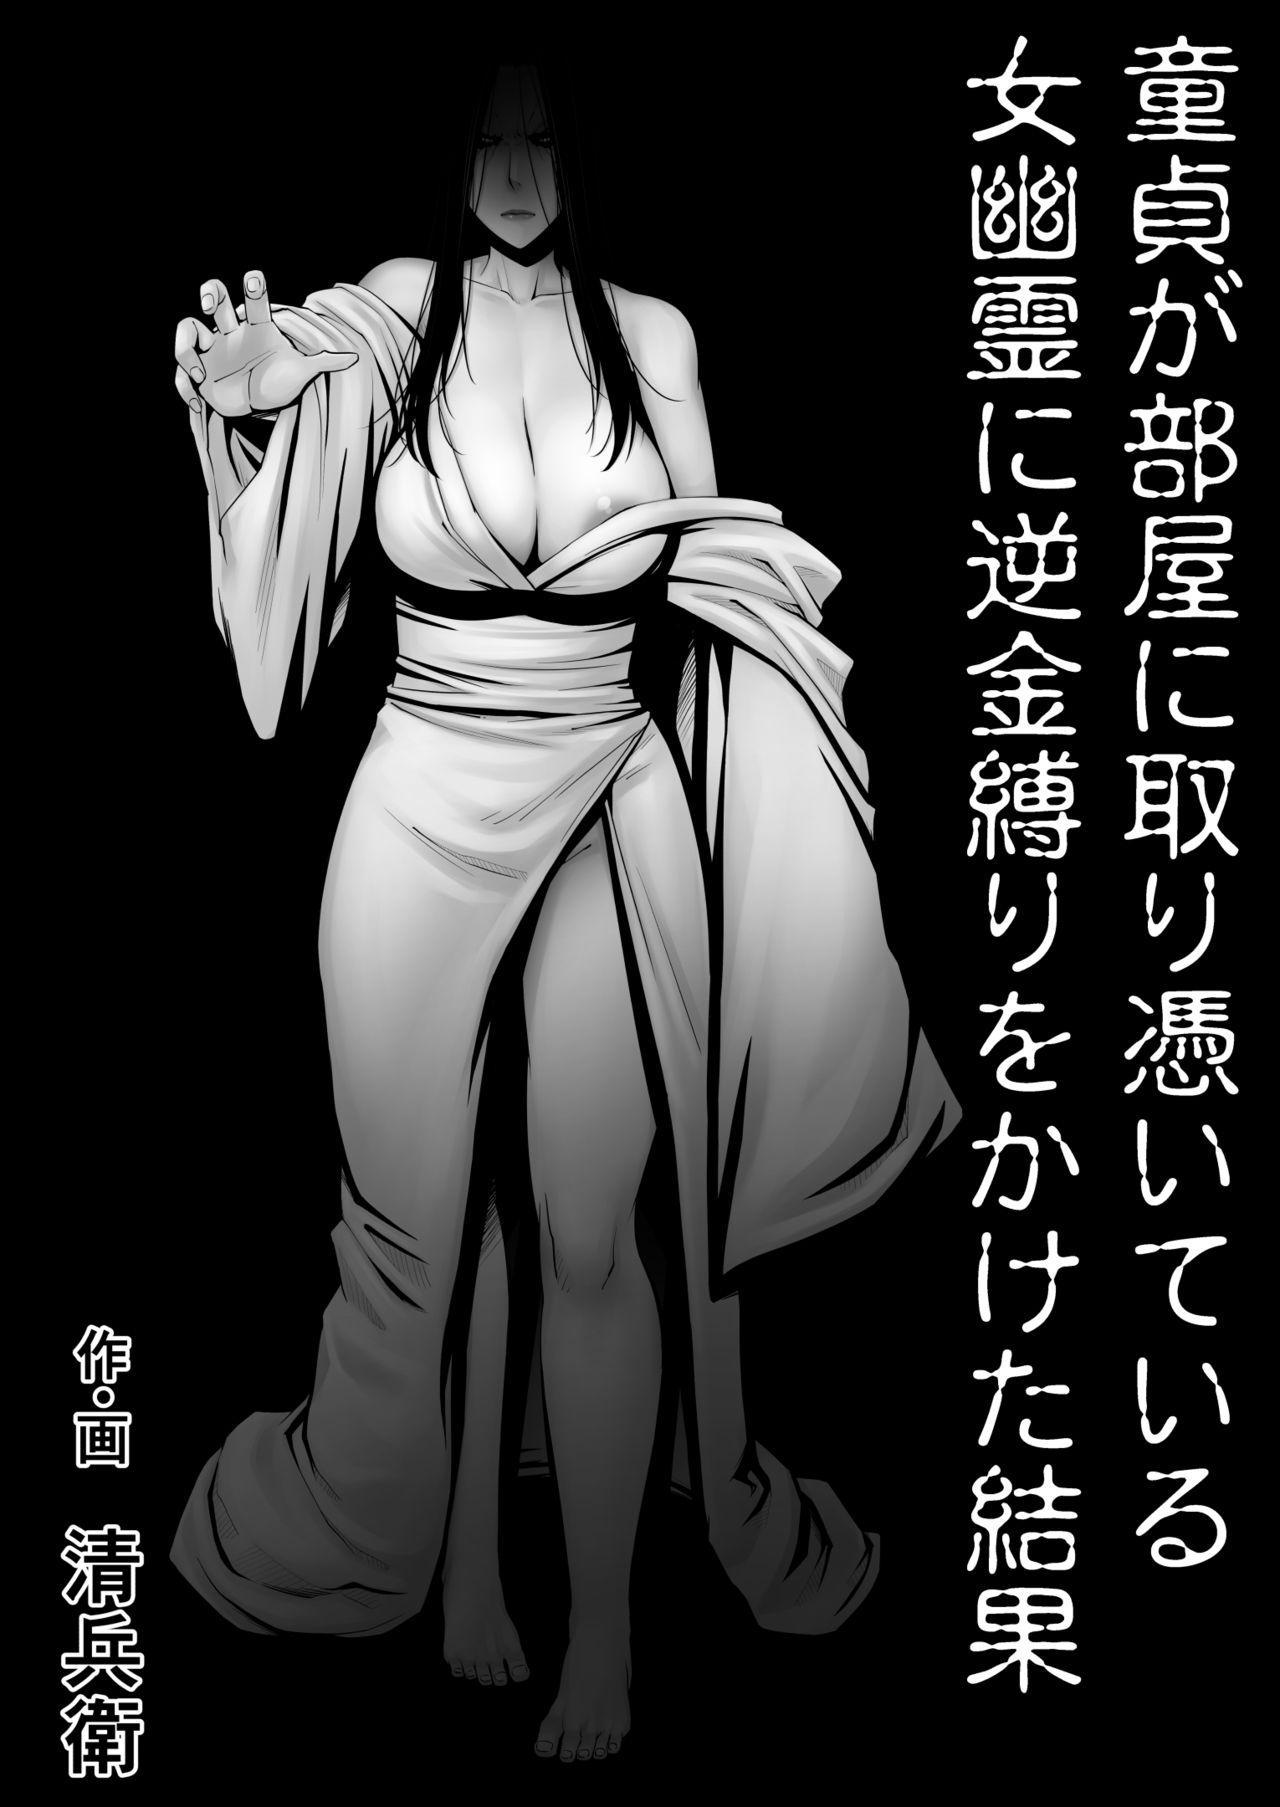 Doutei ga Heya ni Toritsuite Iru Onna Yuurei ni Gyaku Kanashibari o Kaketa Kekka 0